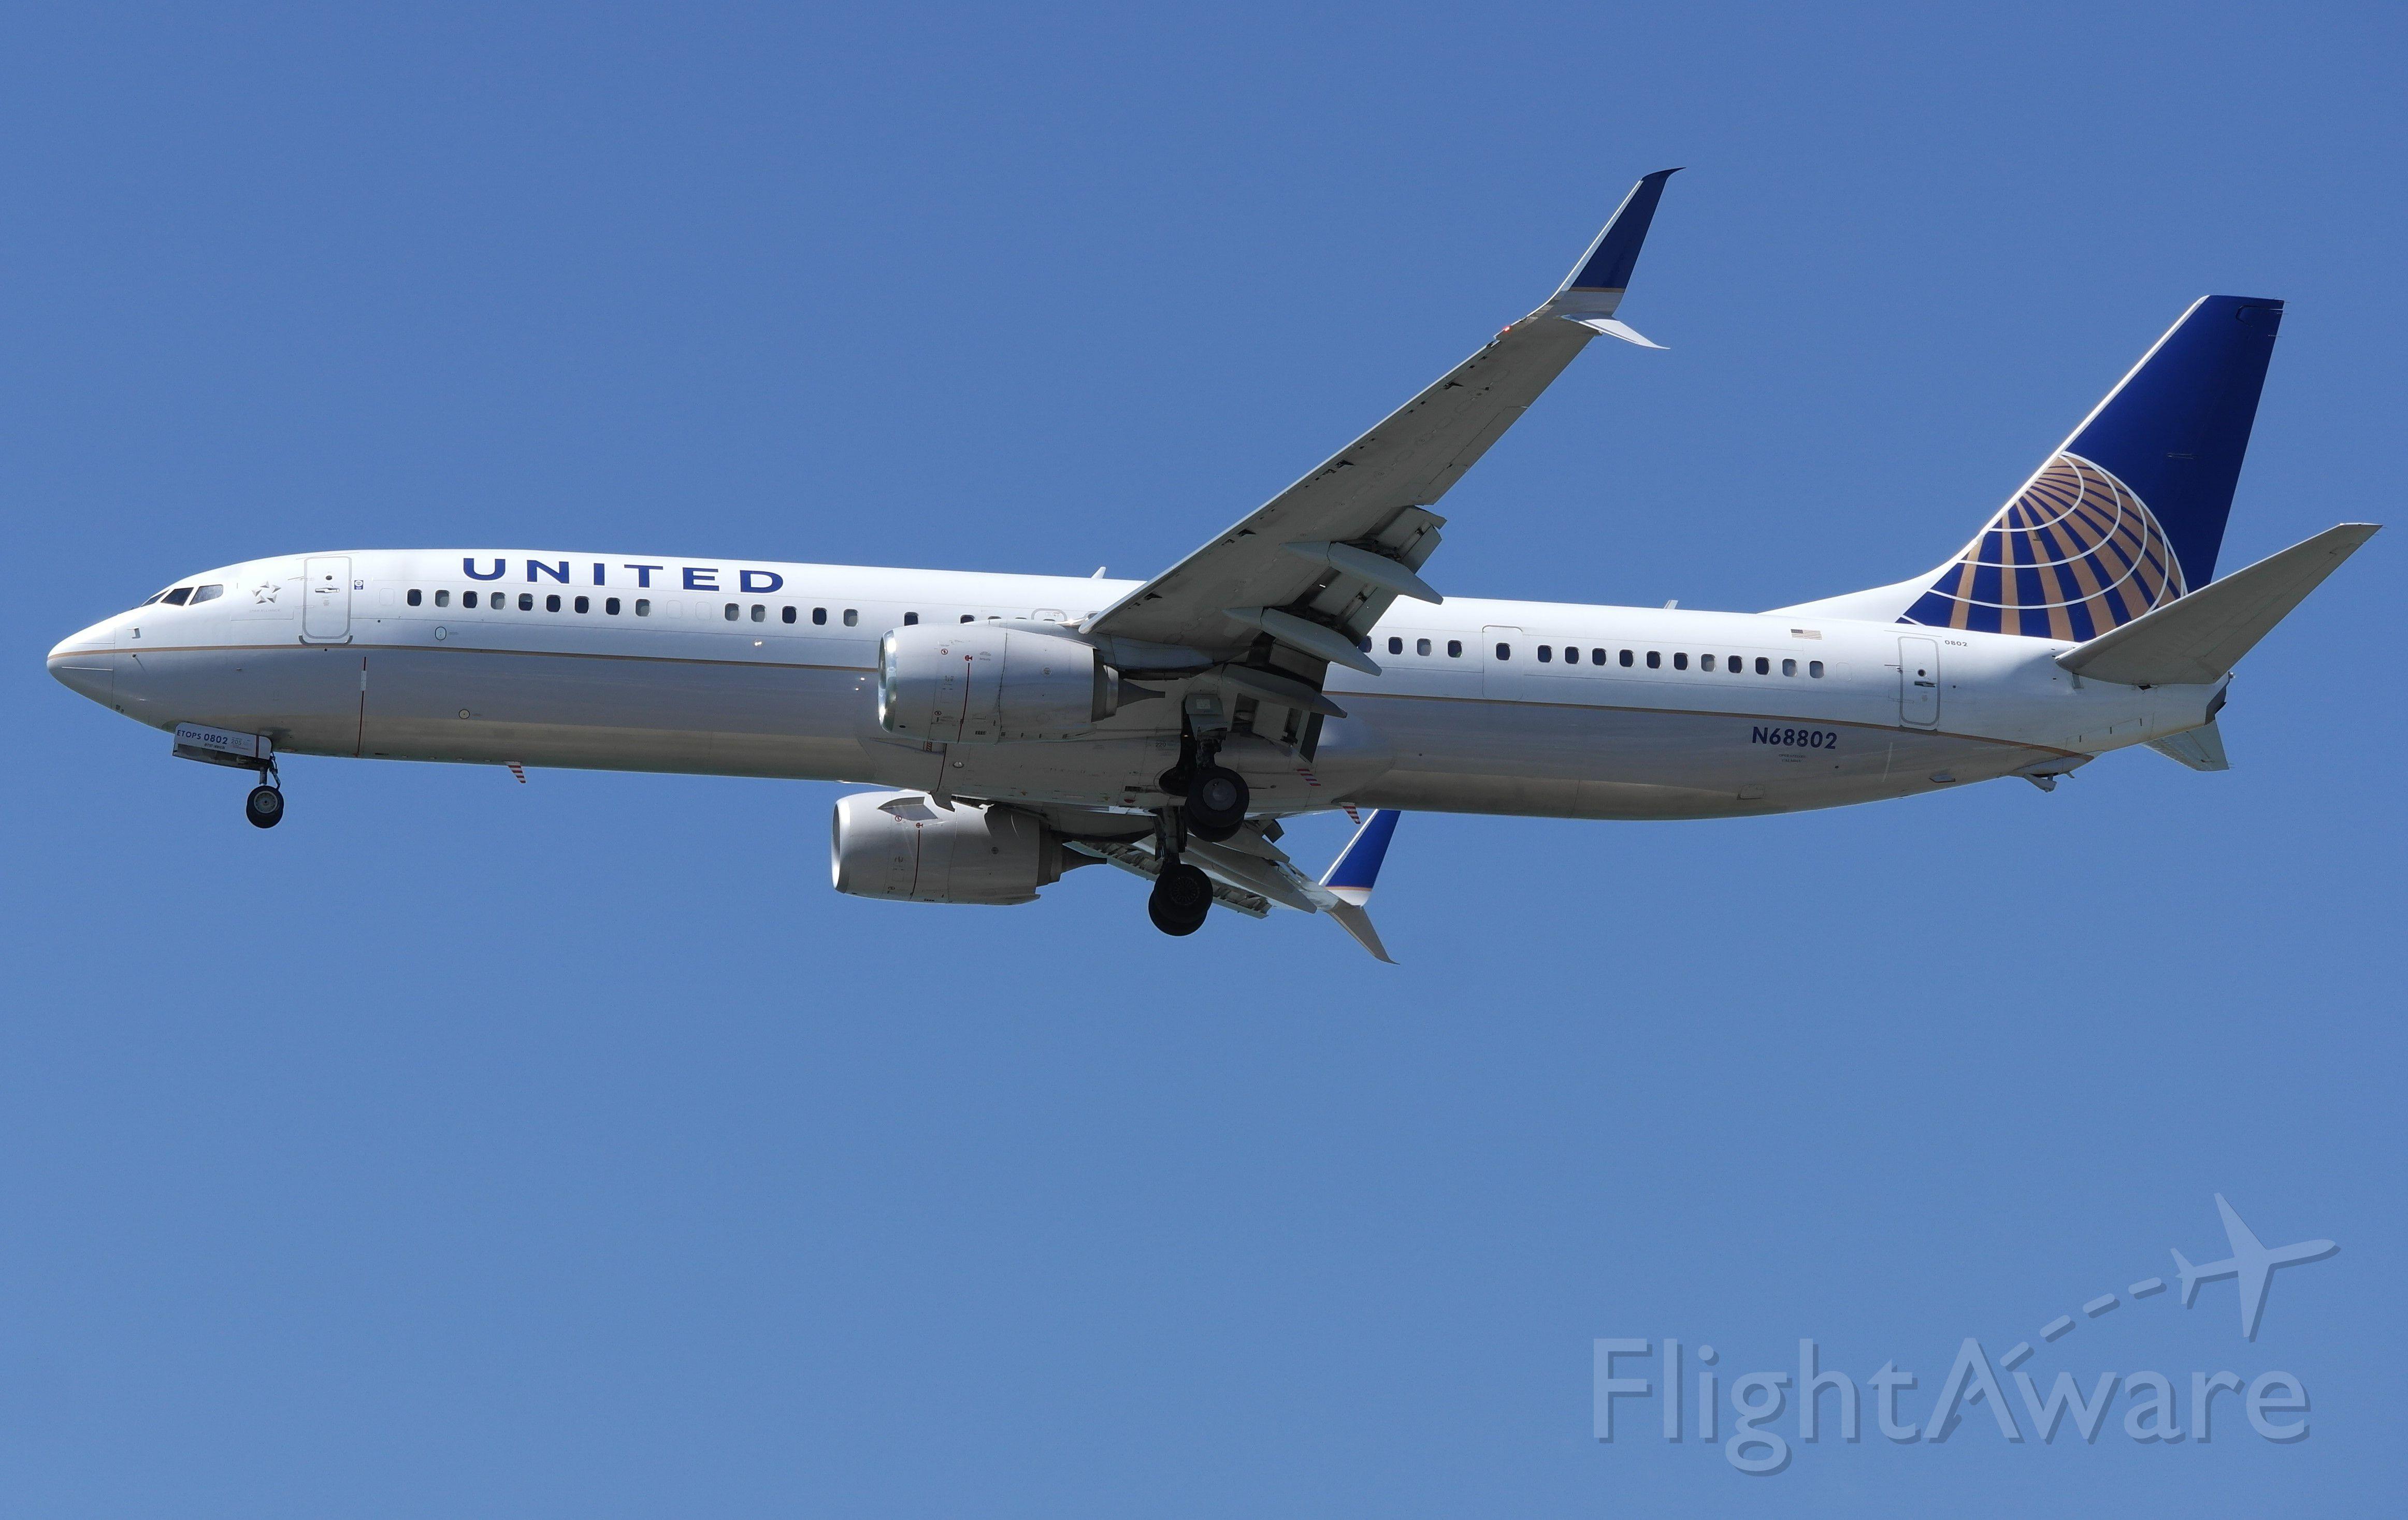 Boeing 737-800 (N68802)